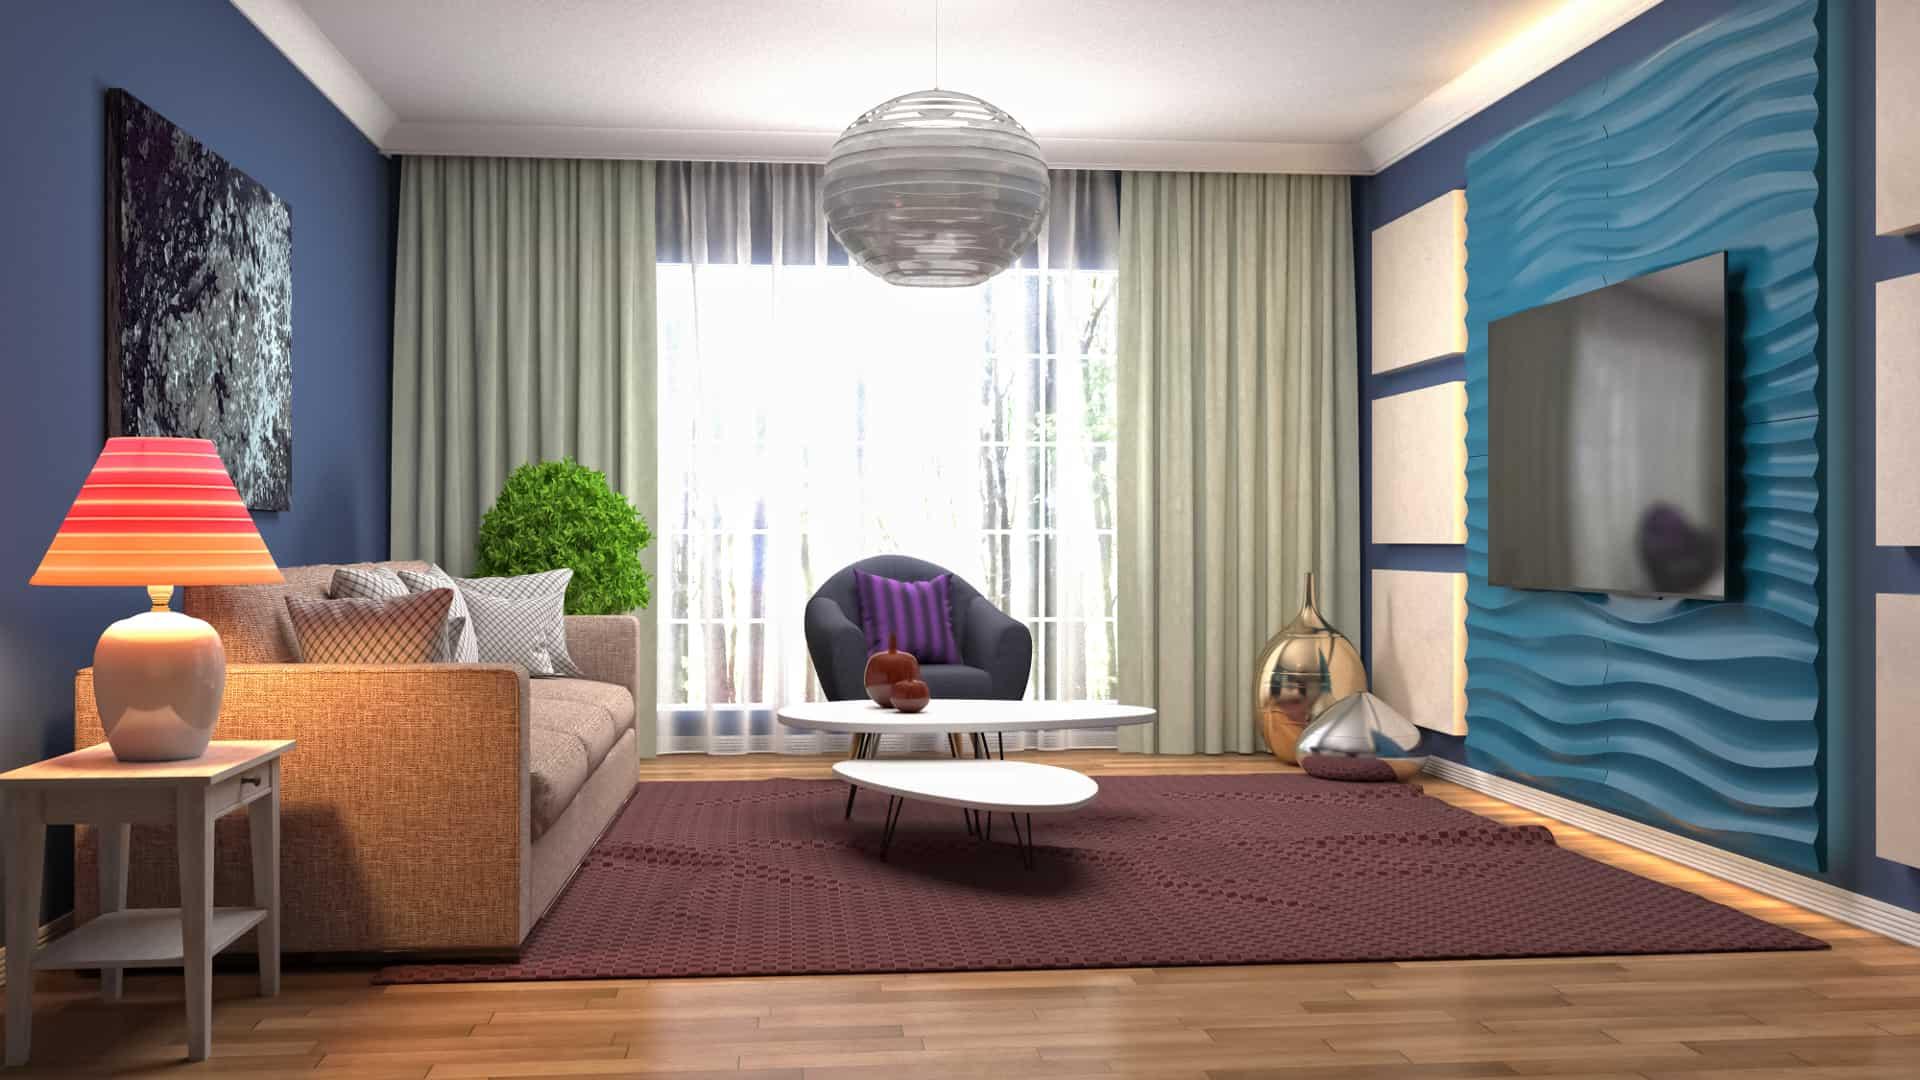 Full Size of Wohnzimmer Beleuchtung So Wirds Gemtlich Lampen Badezimmer Led Deckenleuchte Deckenlampe Esstisch Decken Bilder Xxl Deckenstrahler Lampe Hängeleuchte Wohnzimmer Lampe Wohnzimmer Decke